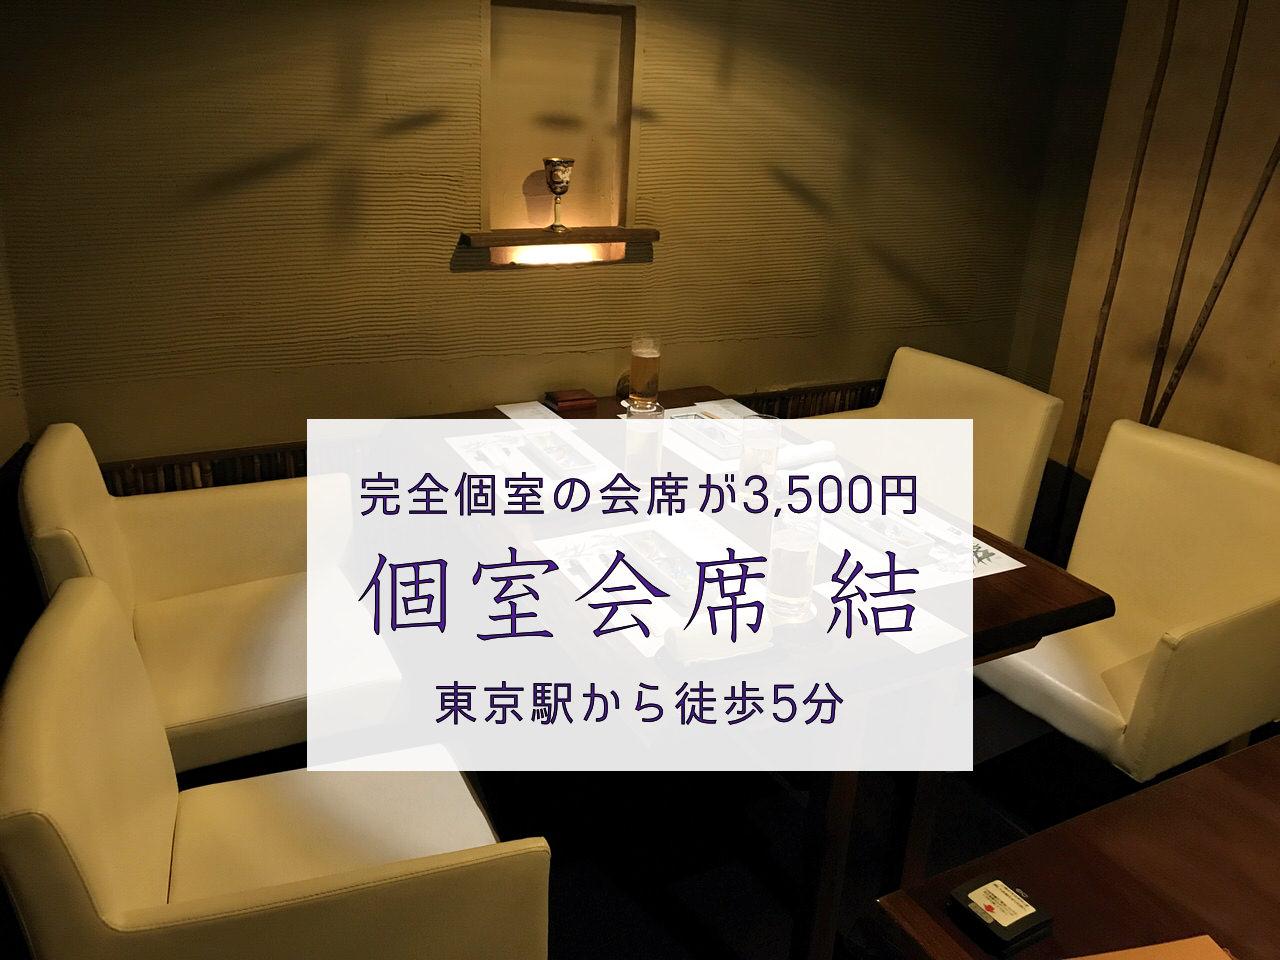 「個室会席 結」3,500円で個室会席は接待や女子会にもOK!宴席をプチアプグレしたい時の強い味方